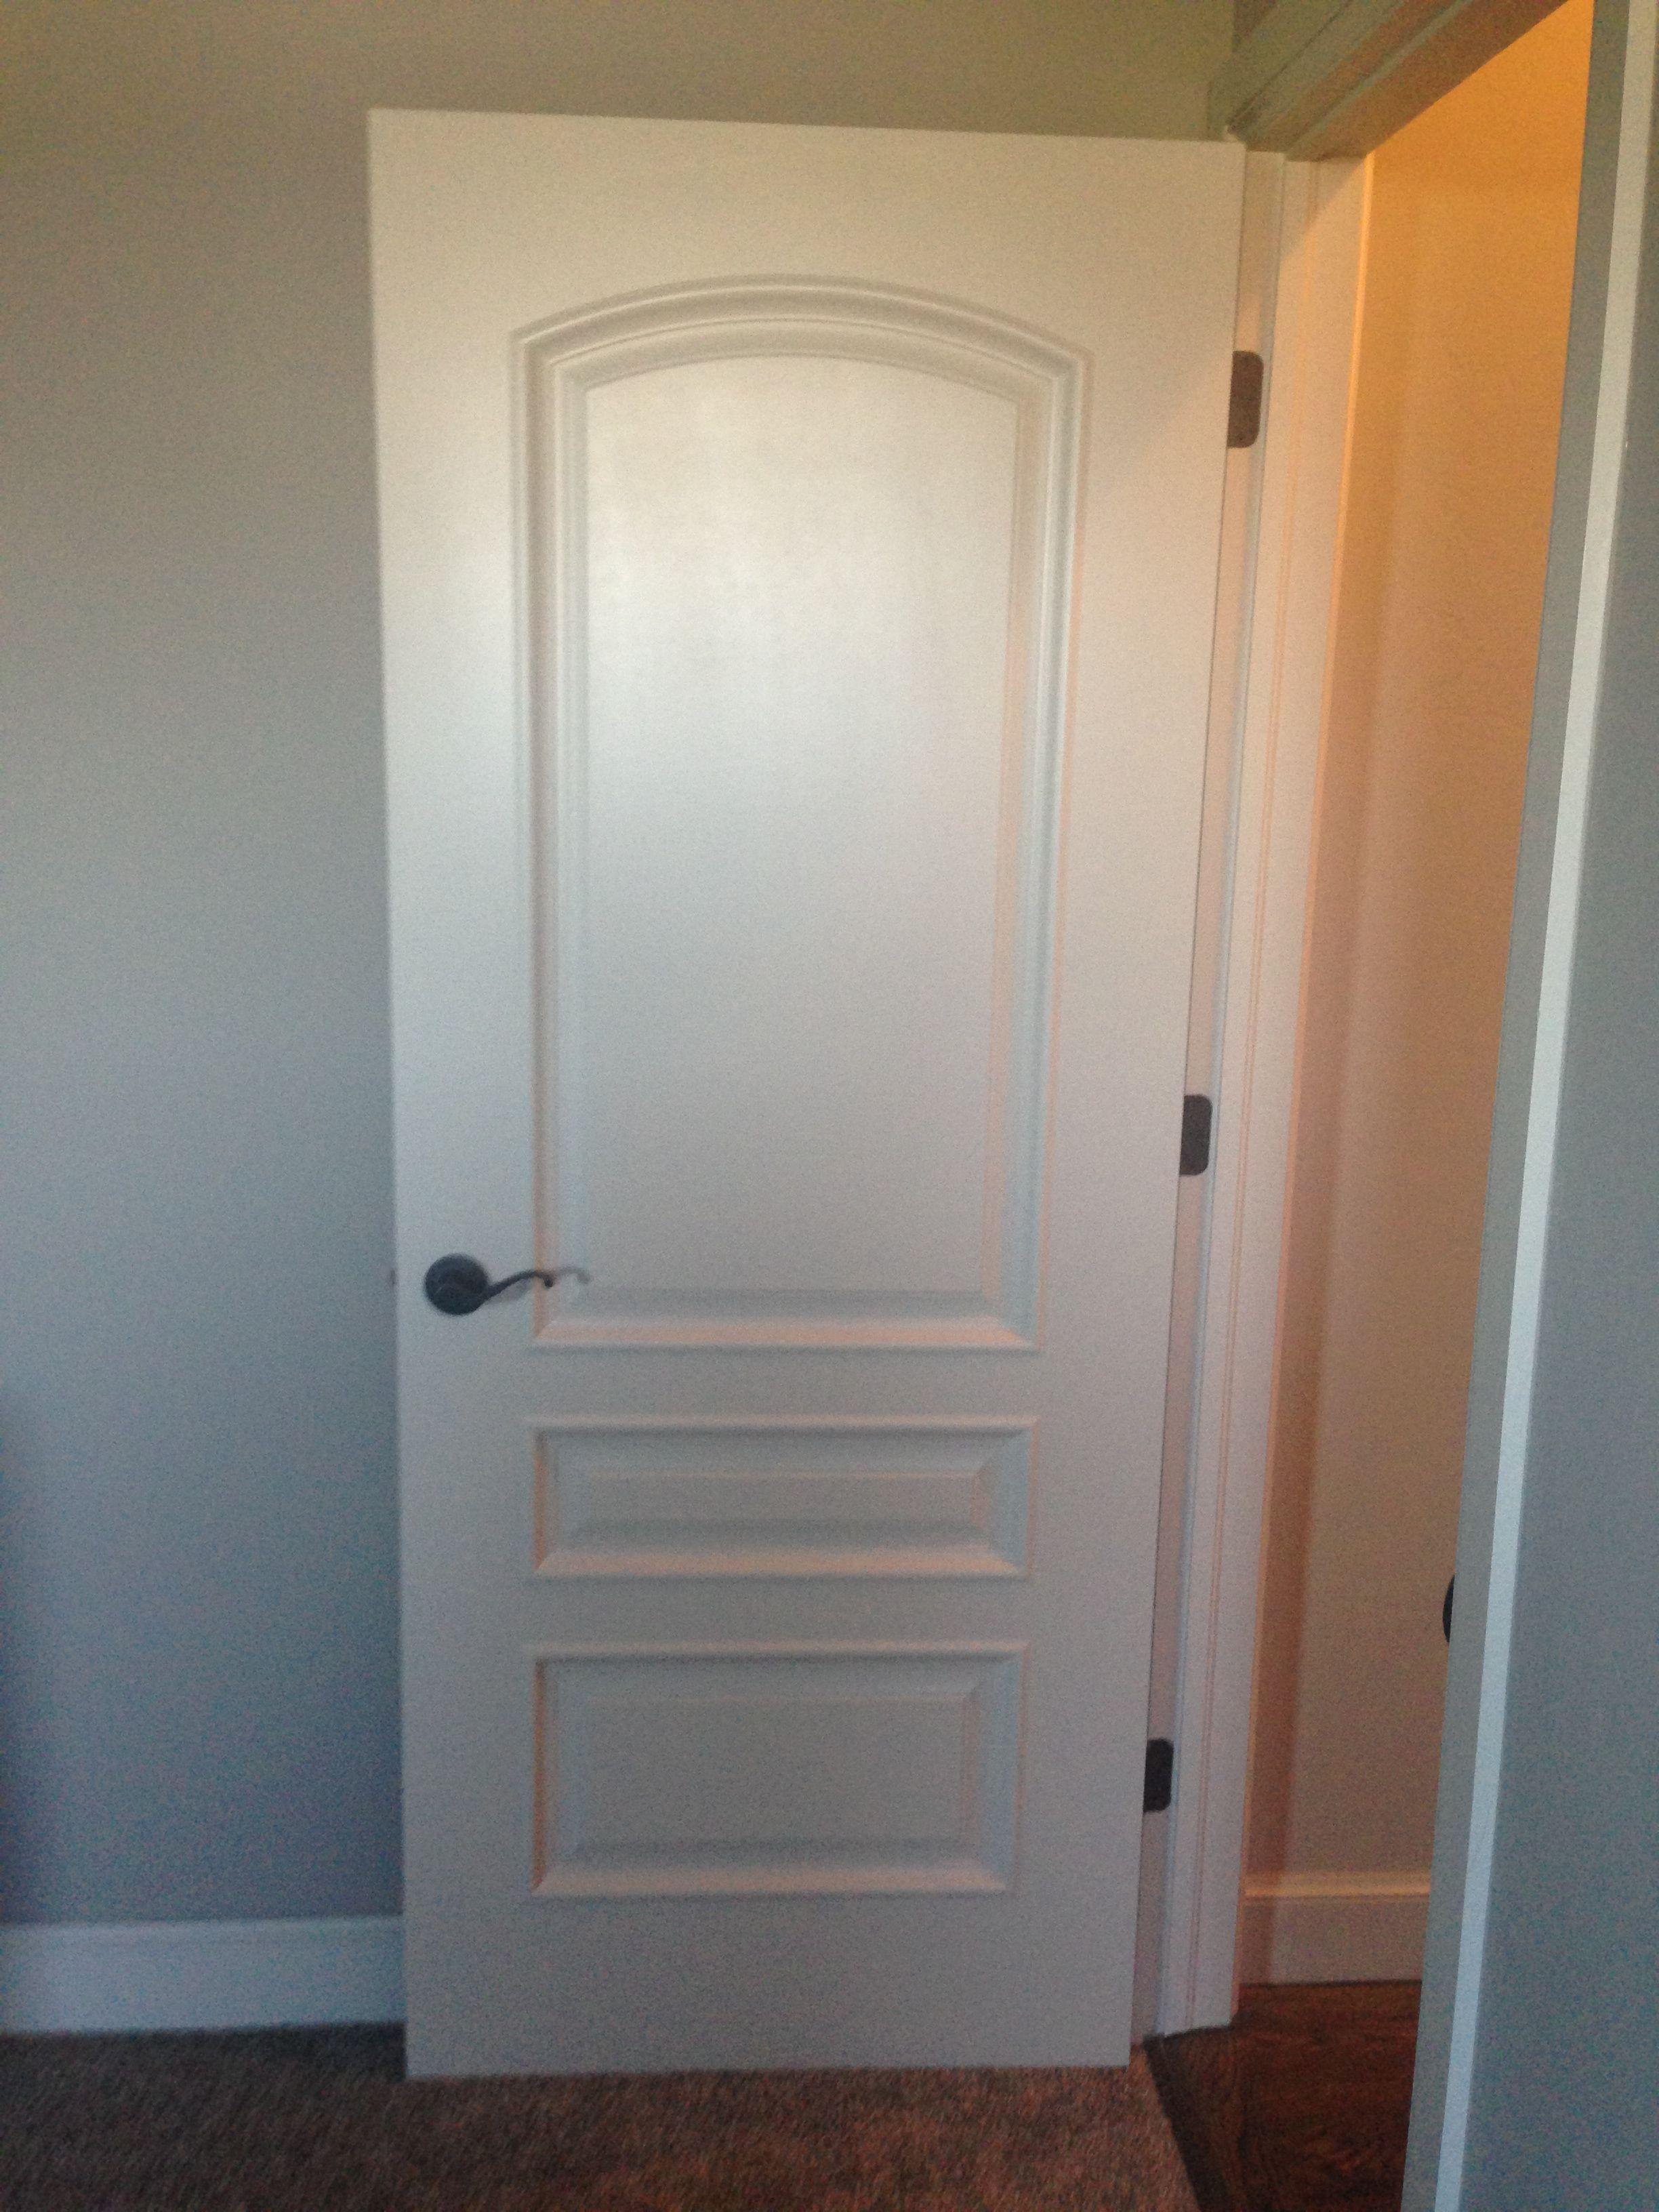 Bedroom Door Handle With Lock: Door Choice For Interior Doors